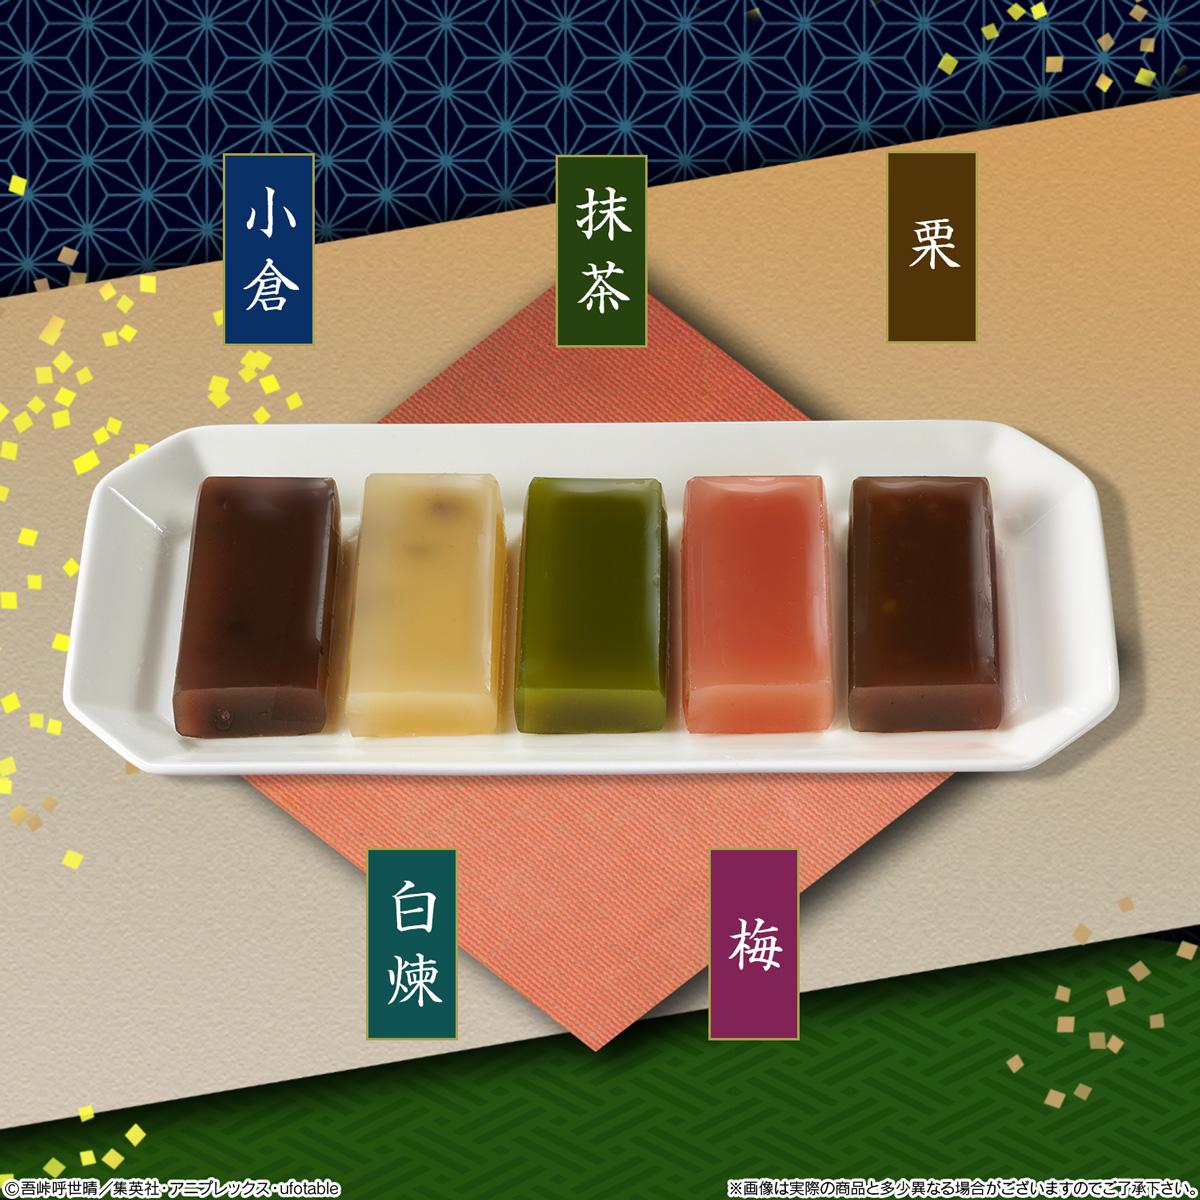 鬼滅の刃 日輪刀菓子切・羊羹_1